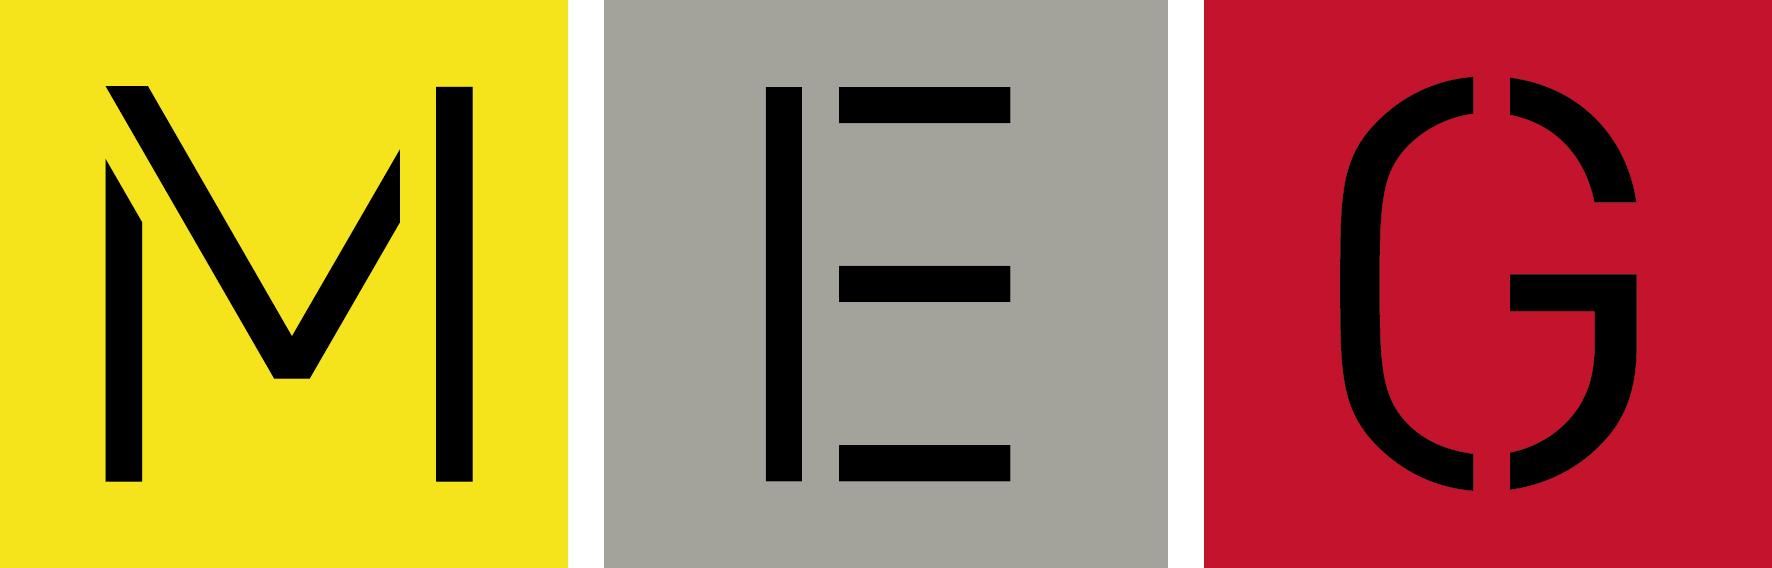 MEG (Musée d'ethnographie de Genève)